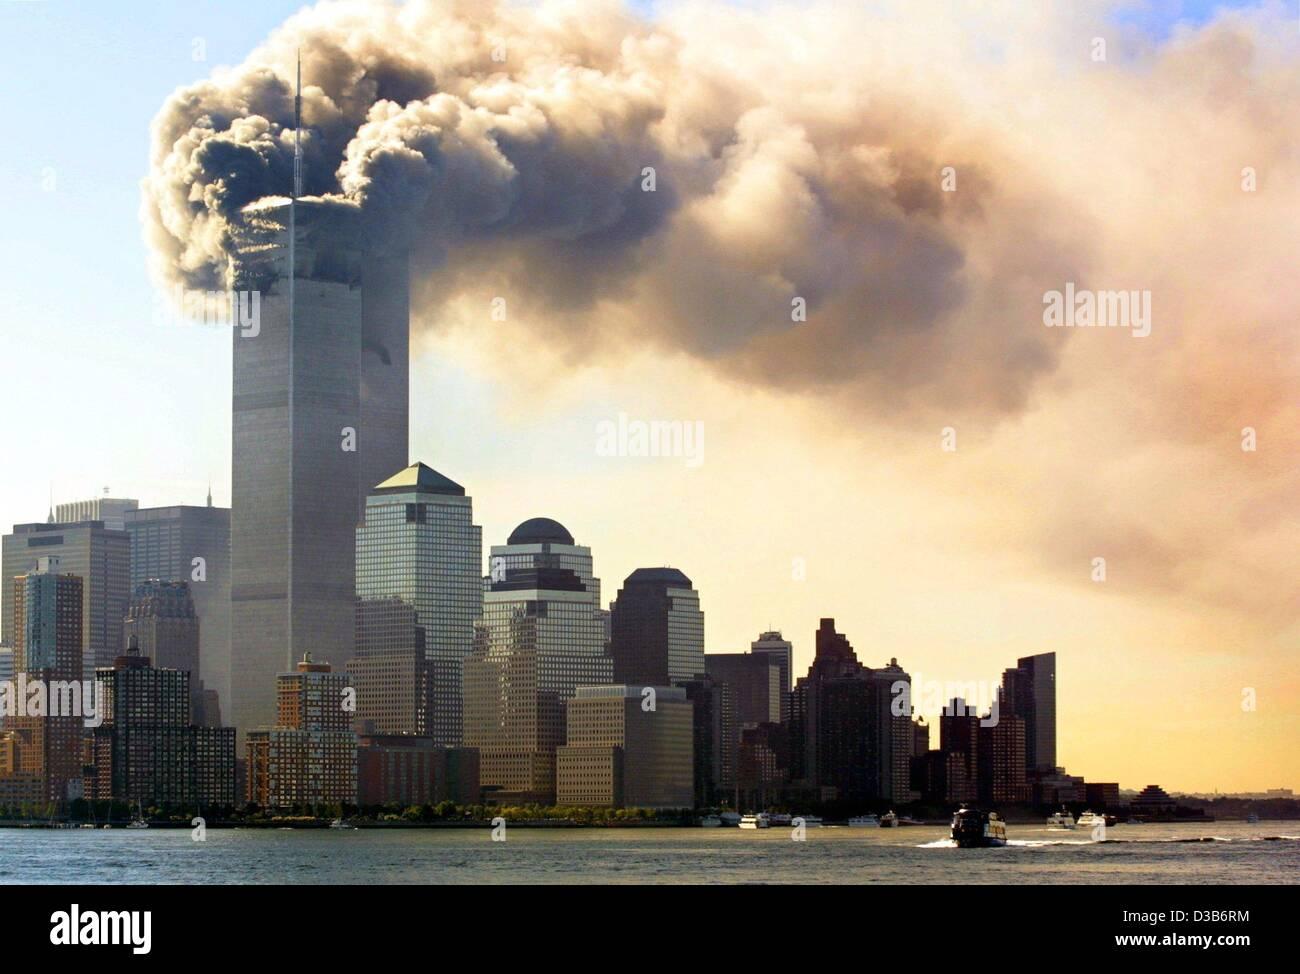 (Dpa) - Nubes de humo que se eleva desde la quema de plantas superiores, justo antes de que las torres gemelas del Imagen De Stock